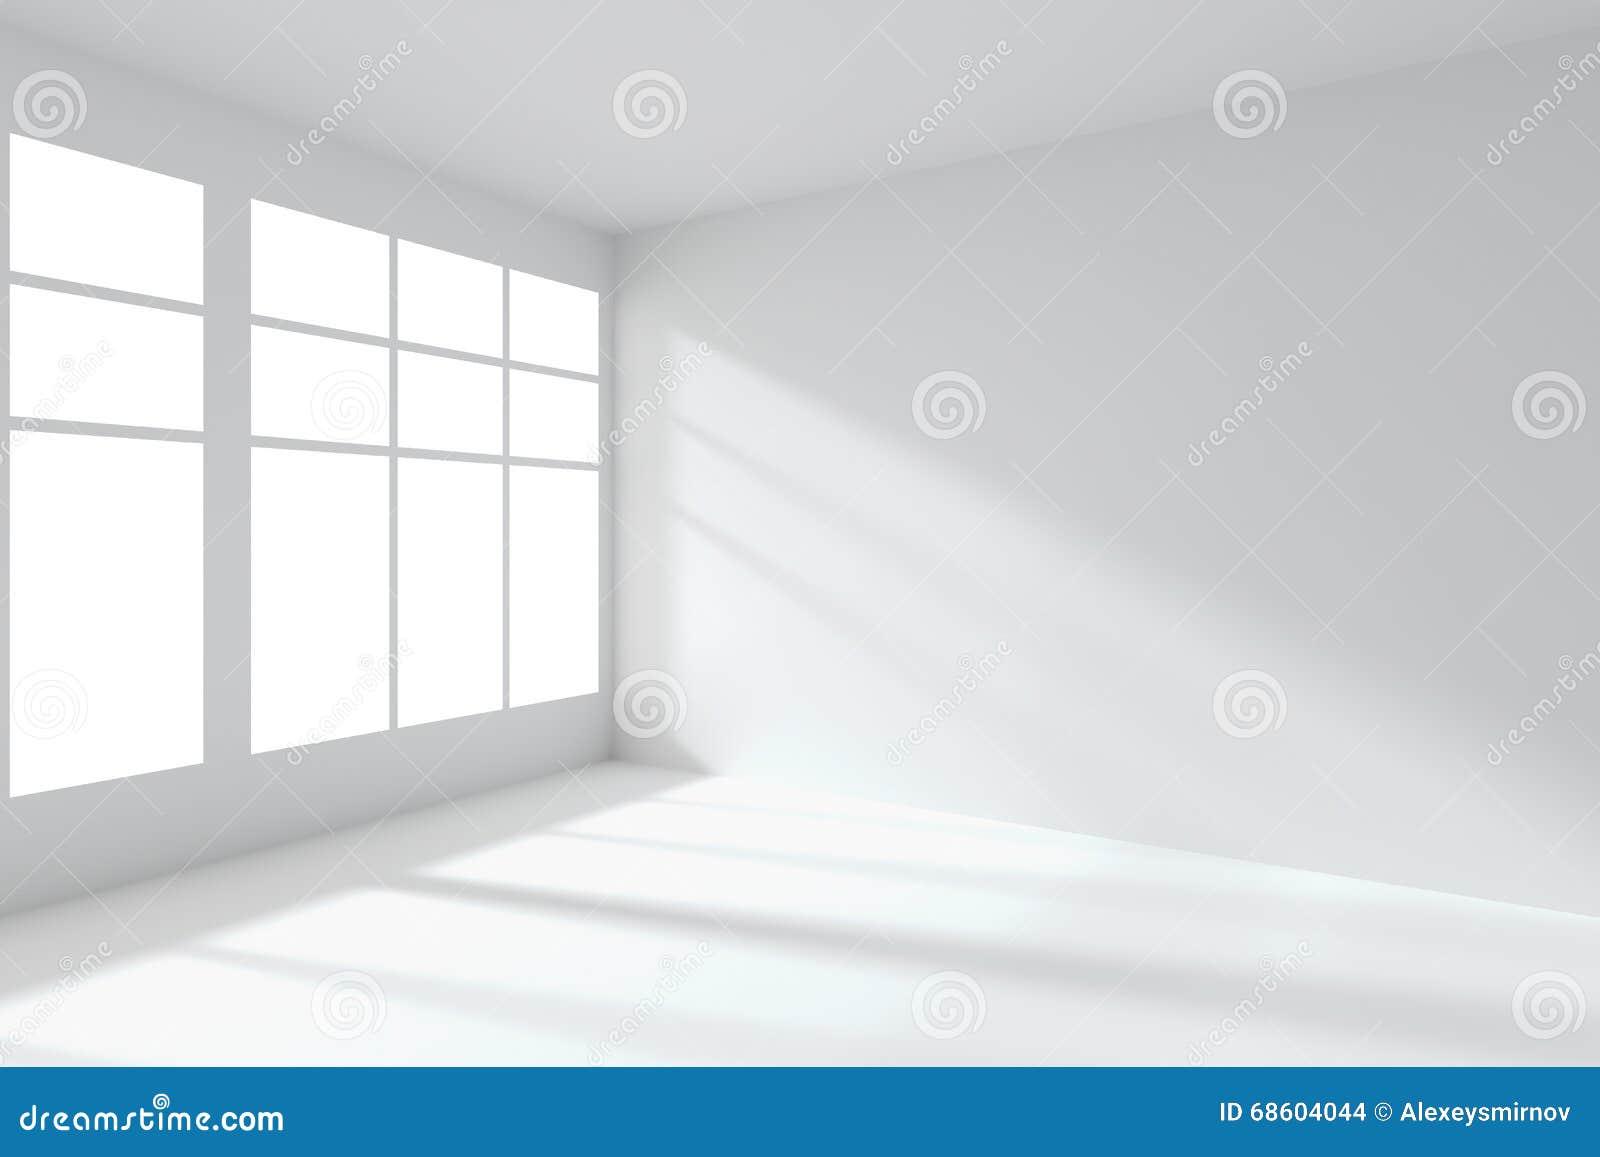 Empty White Room Corner With Windows Interior Stock